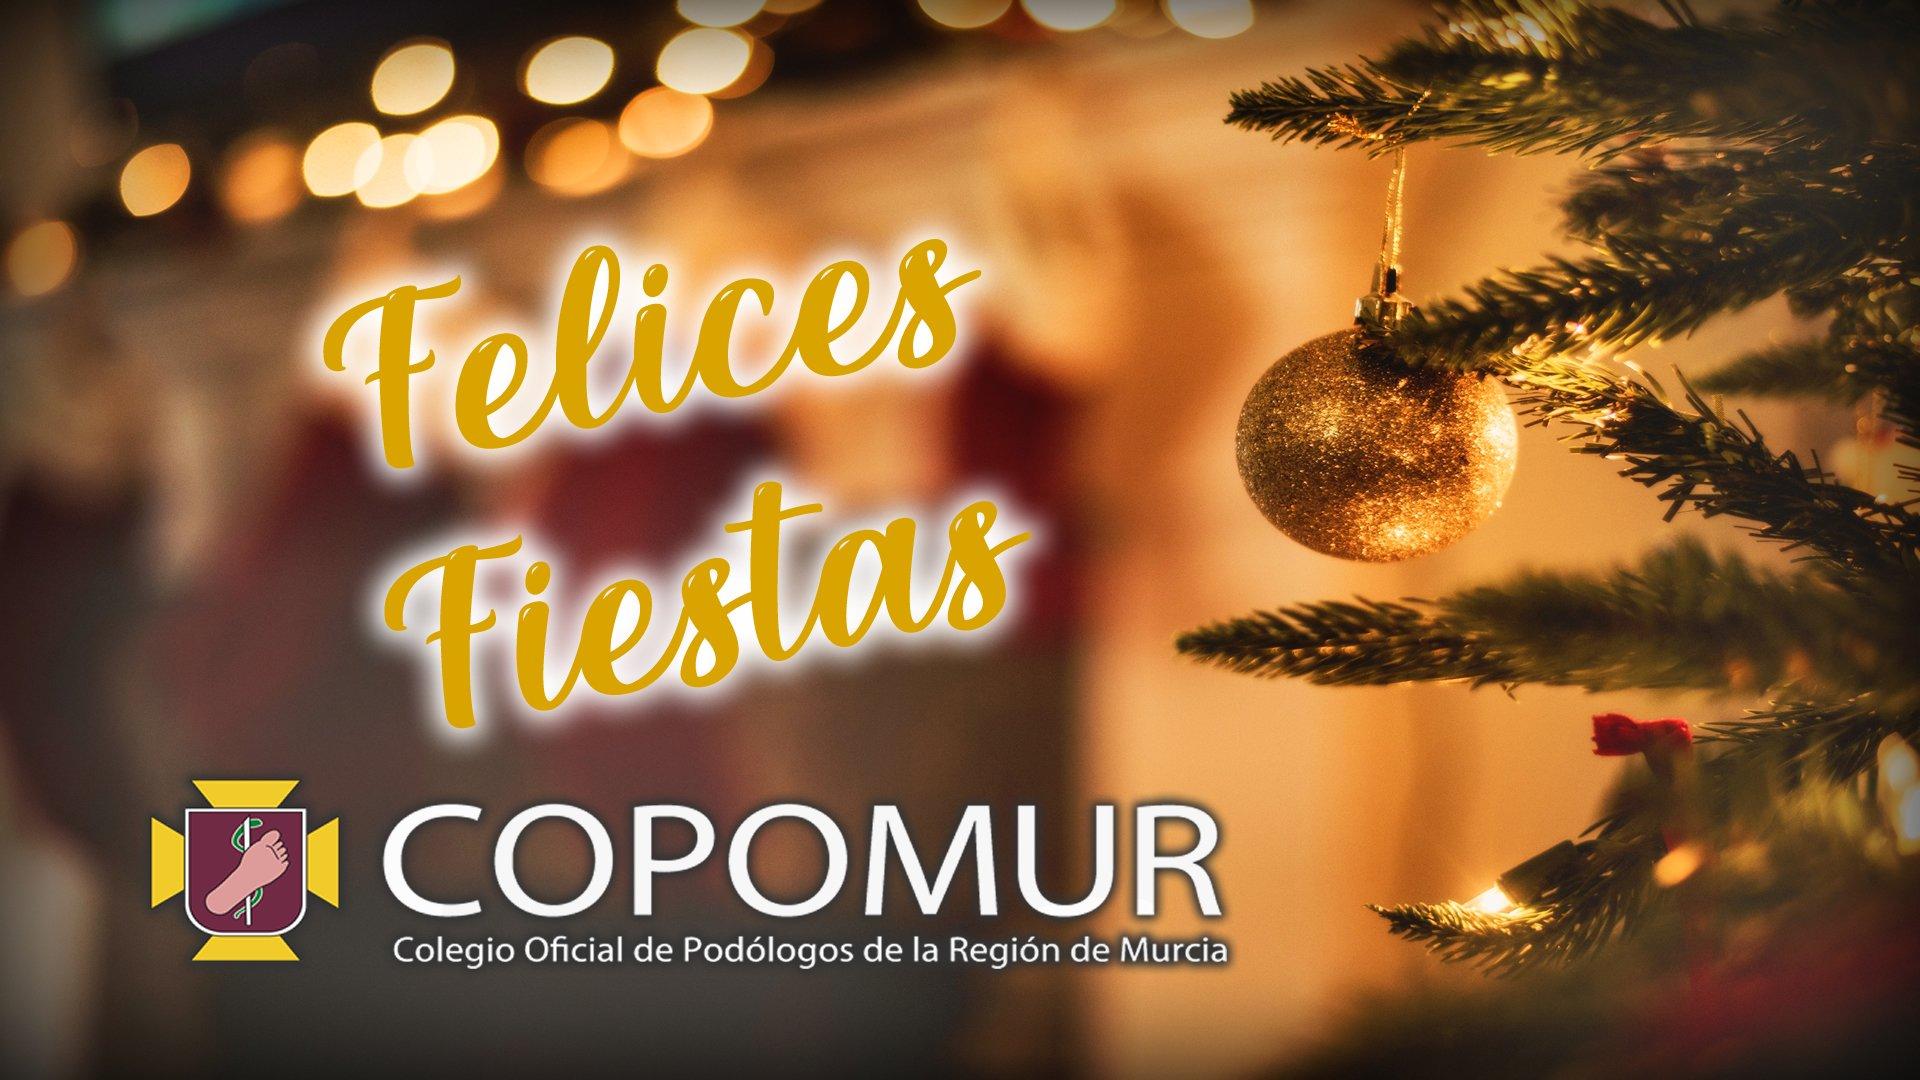 🎄 Feliz Navidad y Próspero Año nuevo 🎄